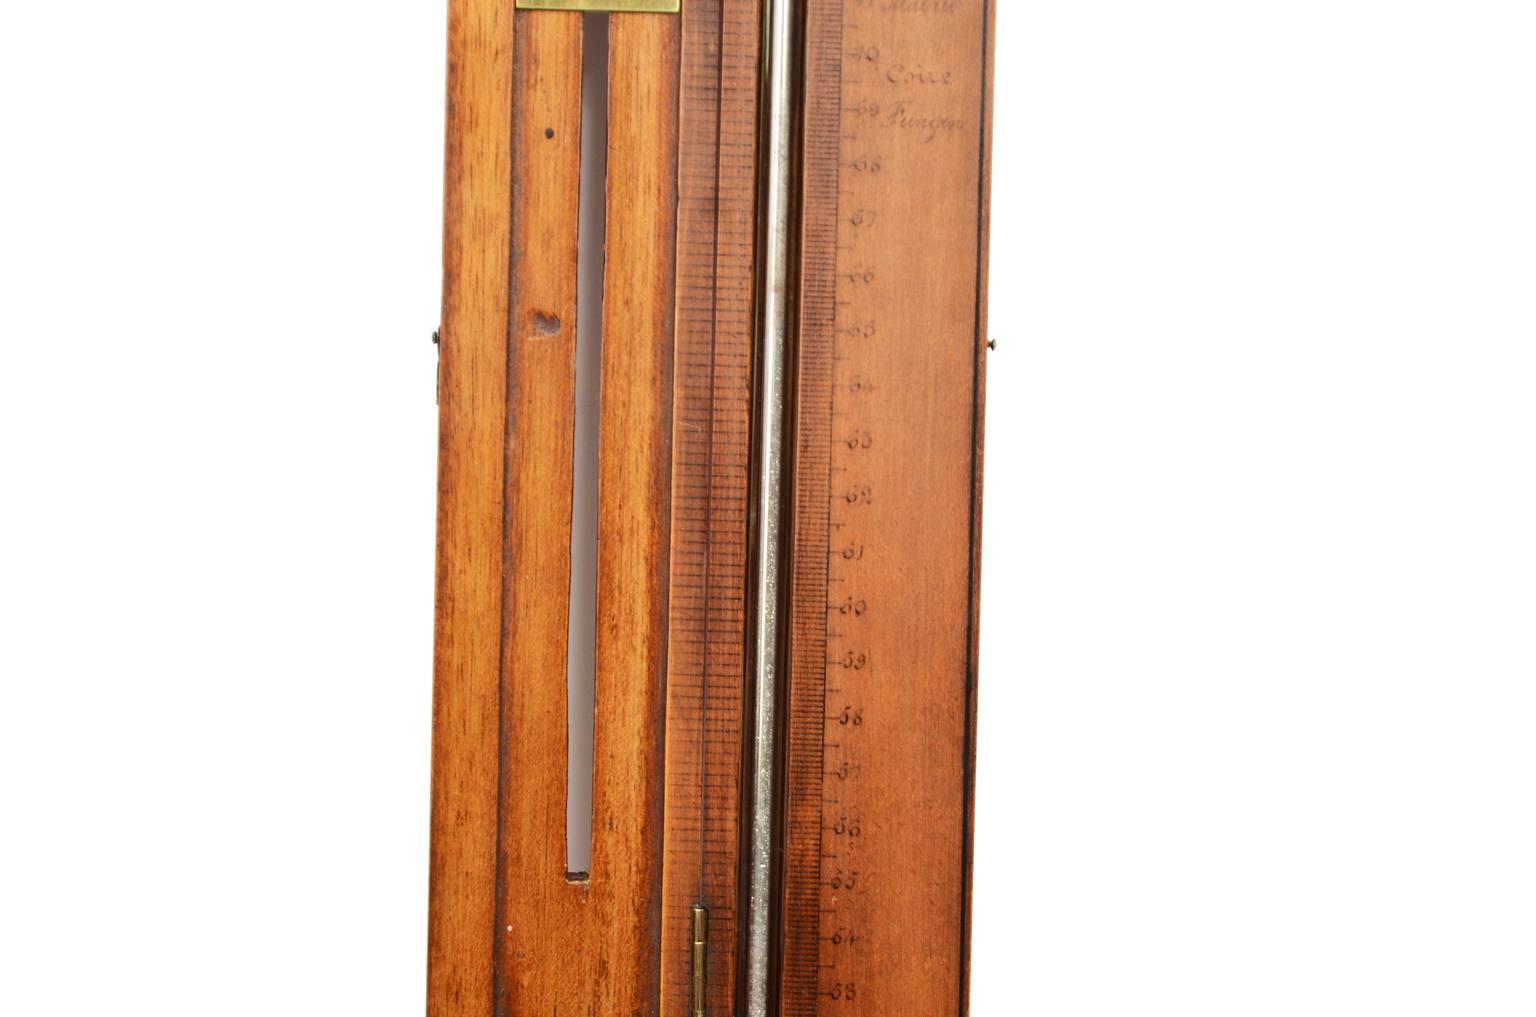 Barometri antichi/532A-Barometro da viaggio